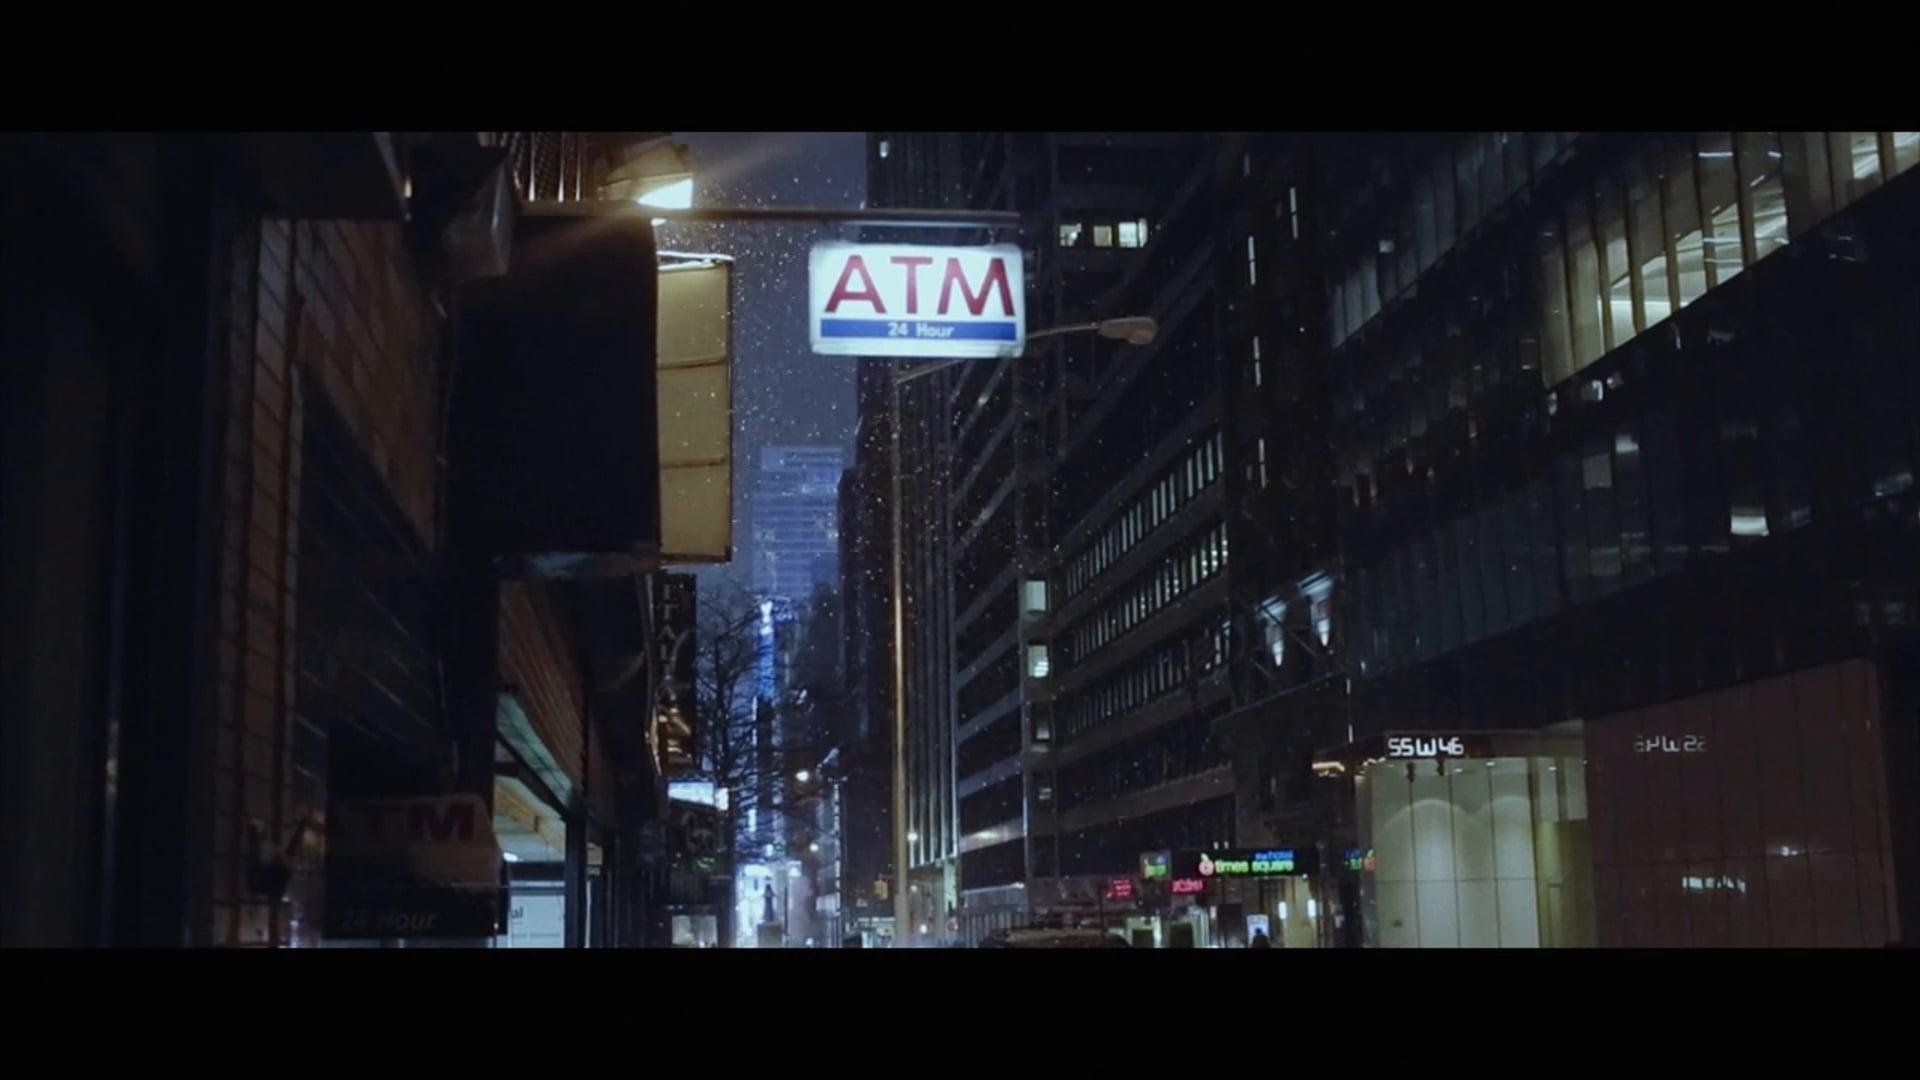 Marvin Suarez Films - A Backwards World